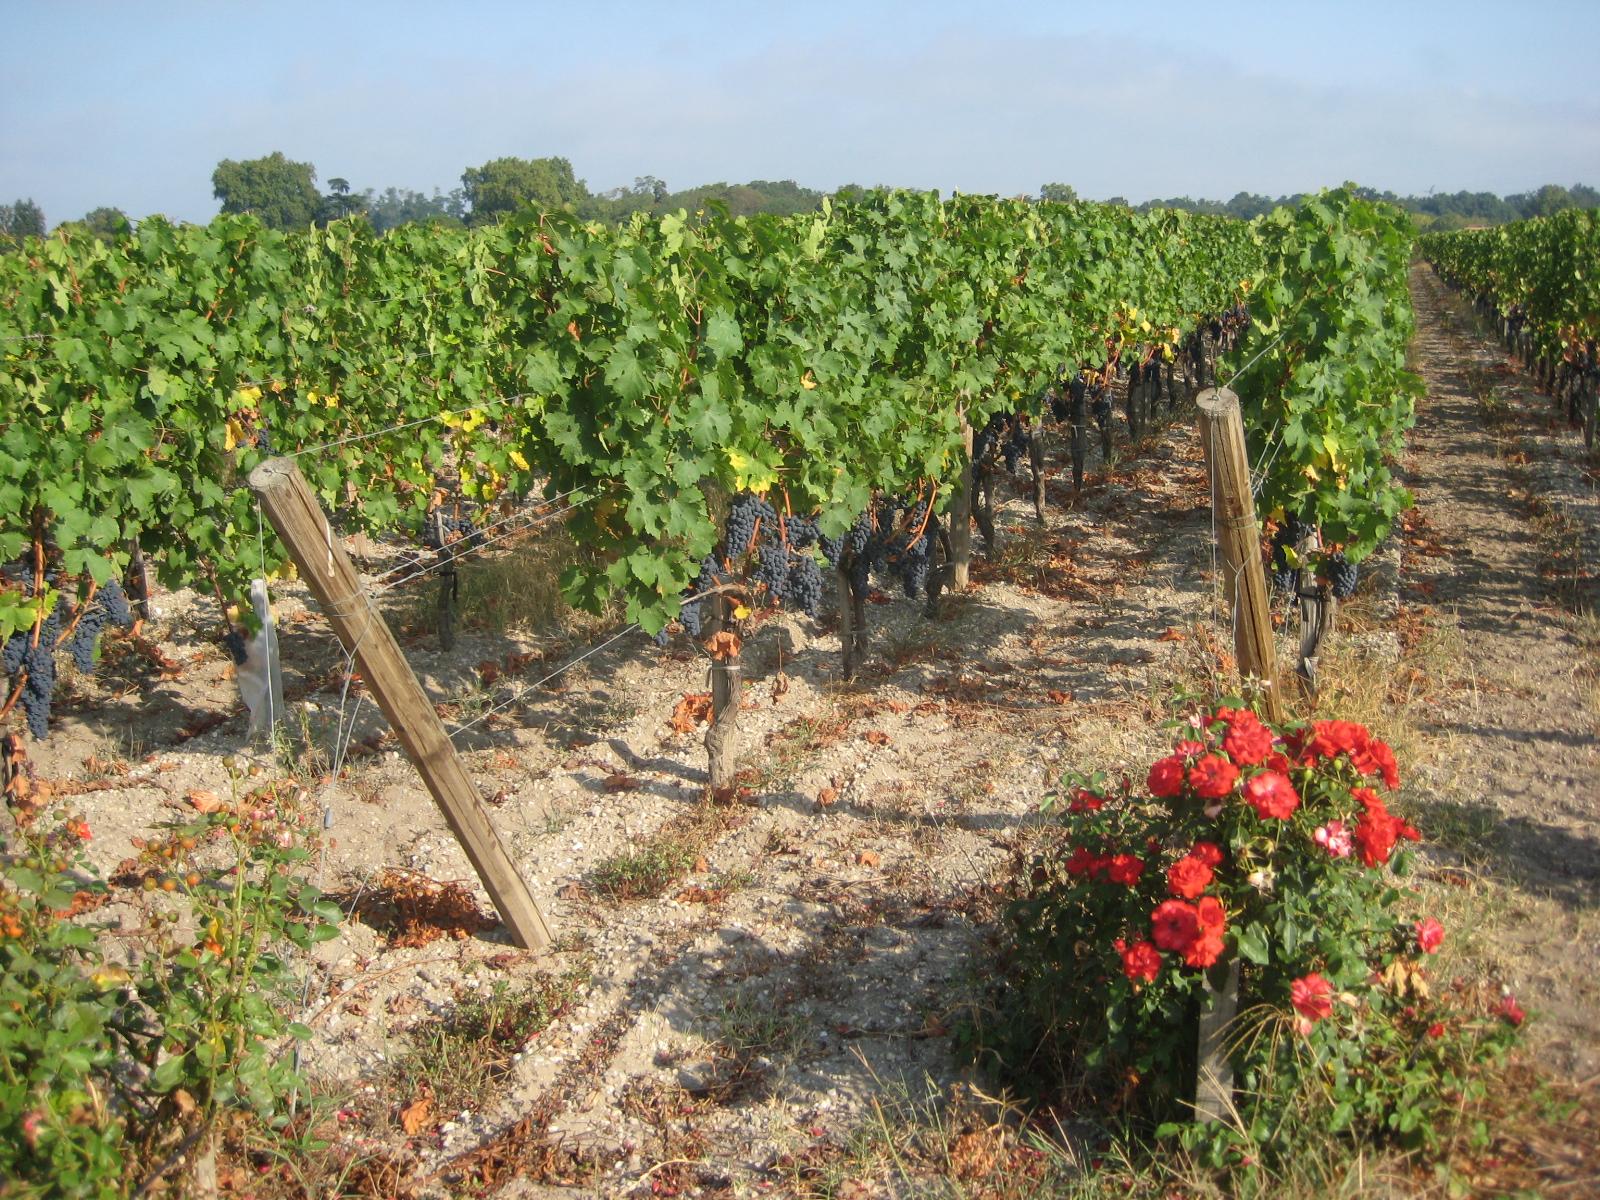 Las rosas se siembran junto a los viñedos, como una forma natural de repeler las plagas y enfermedades.